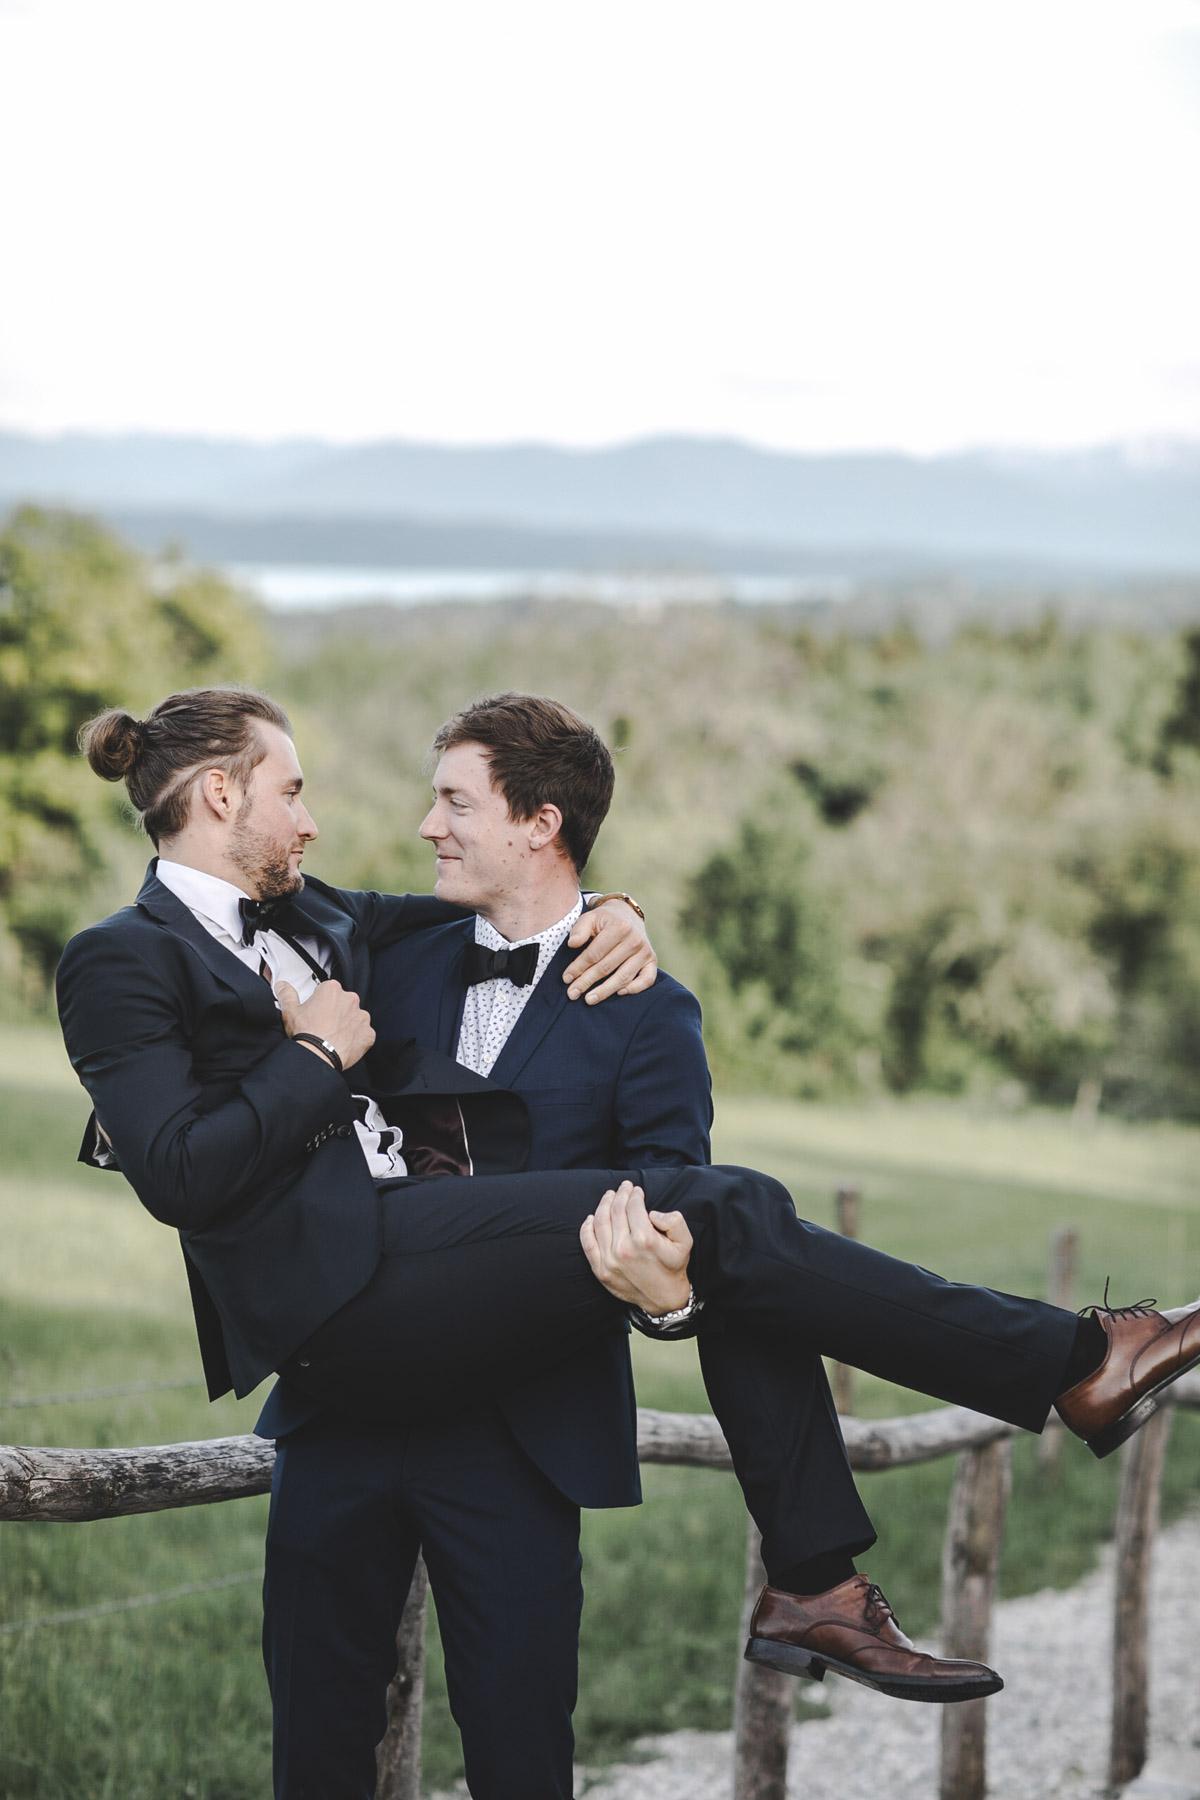 Barbara und Thorsten | Hochzeit am Starnenberger See - Fotografin Guelten Hamidanoglu Fotografie Koeln BT 19 848